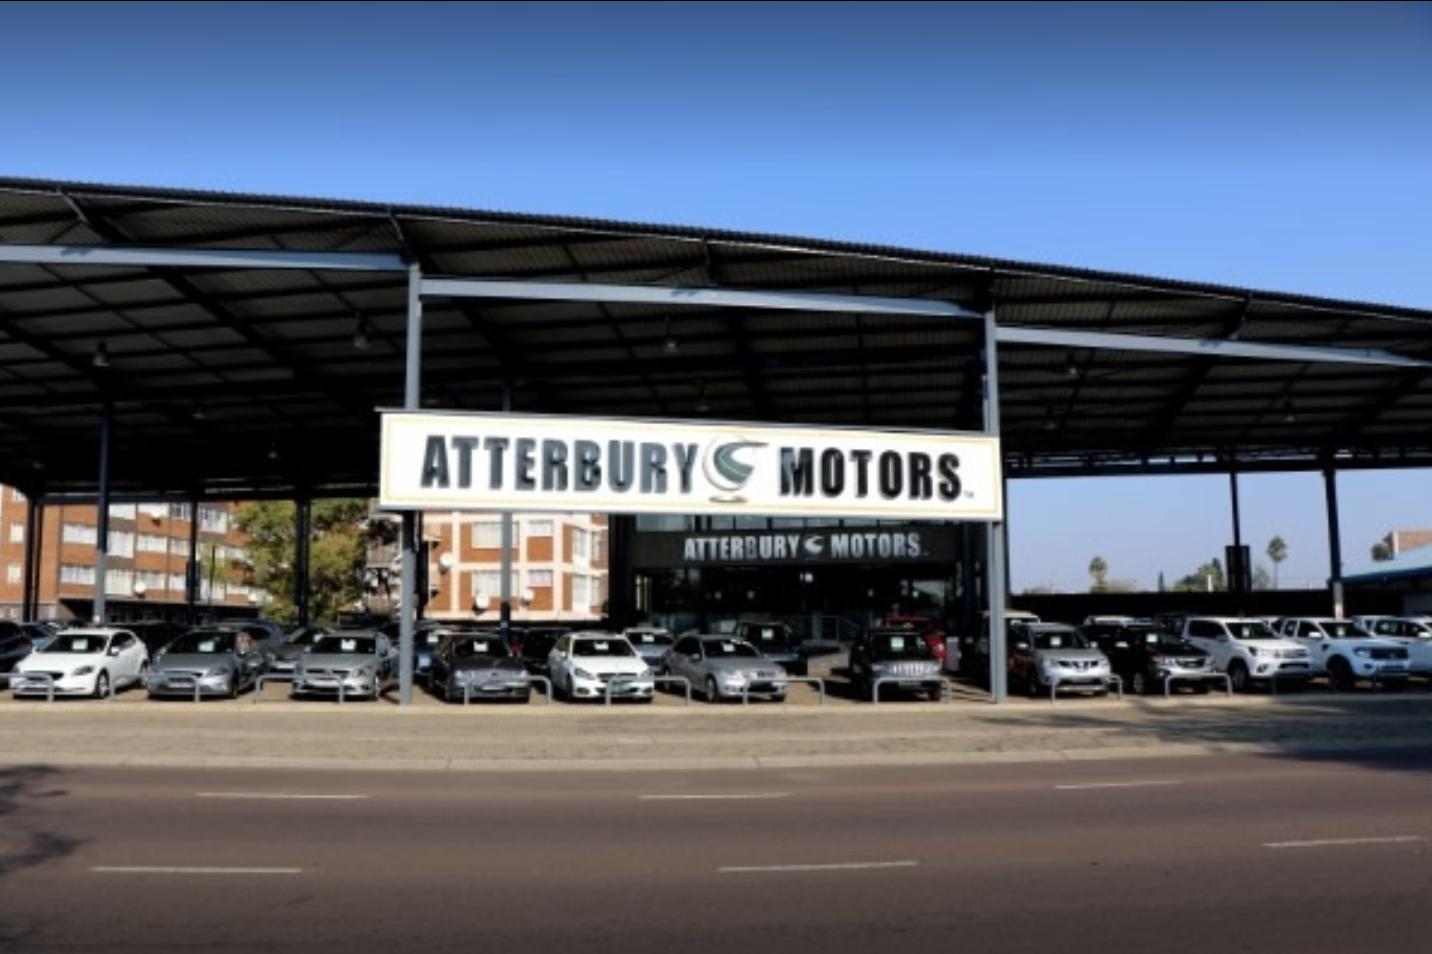 Atterbury Motors